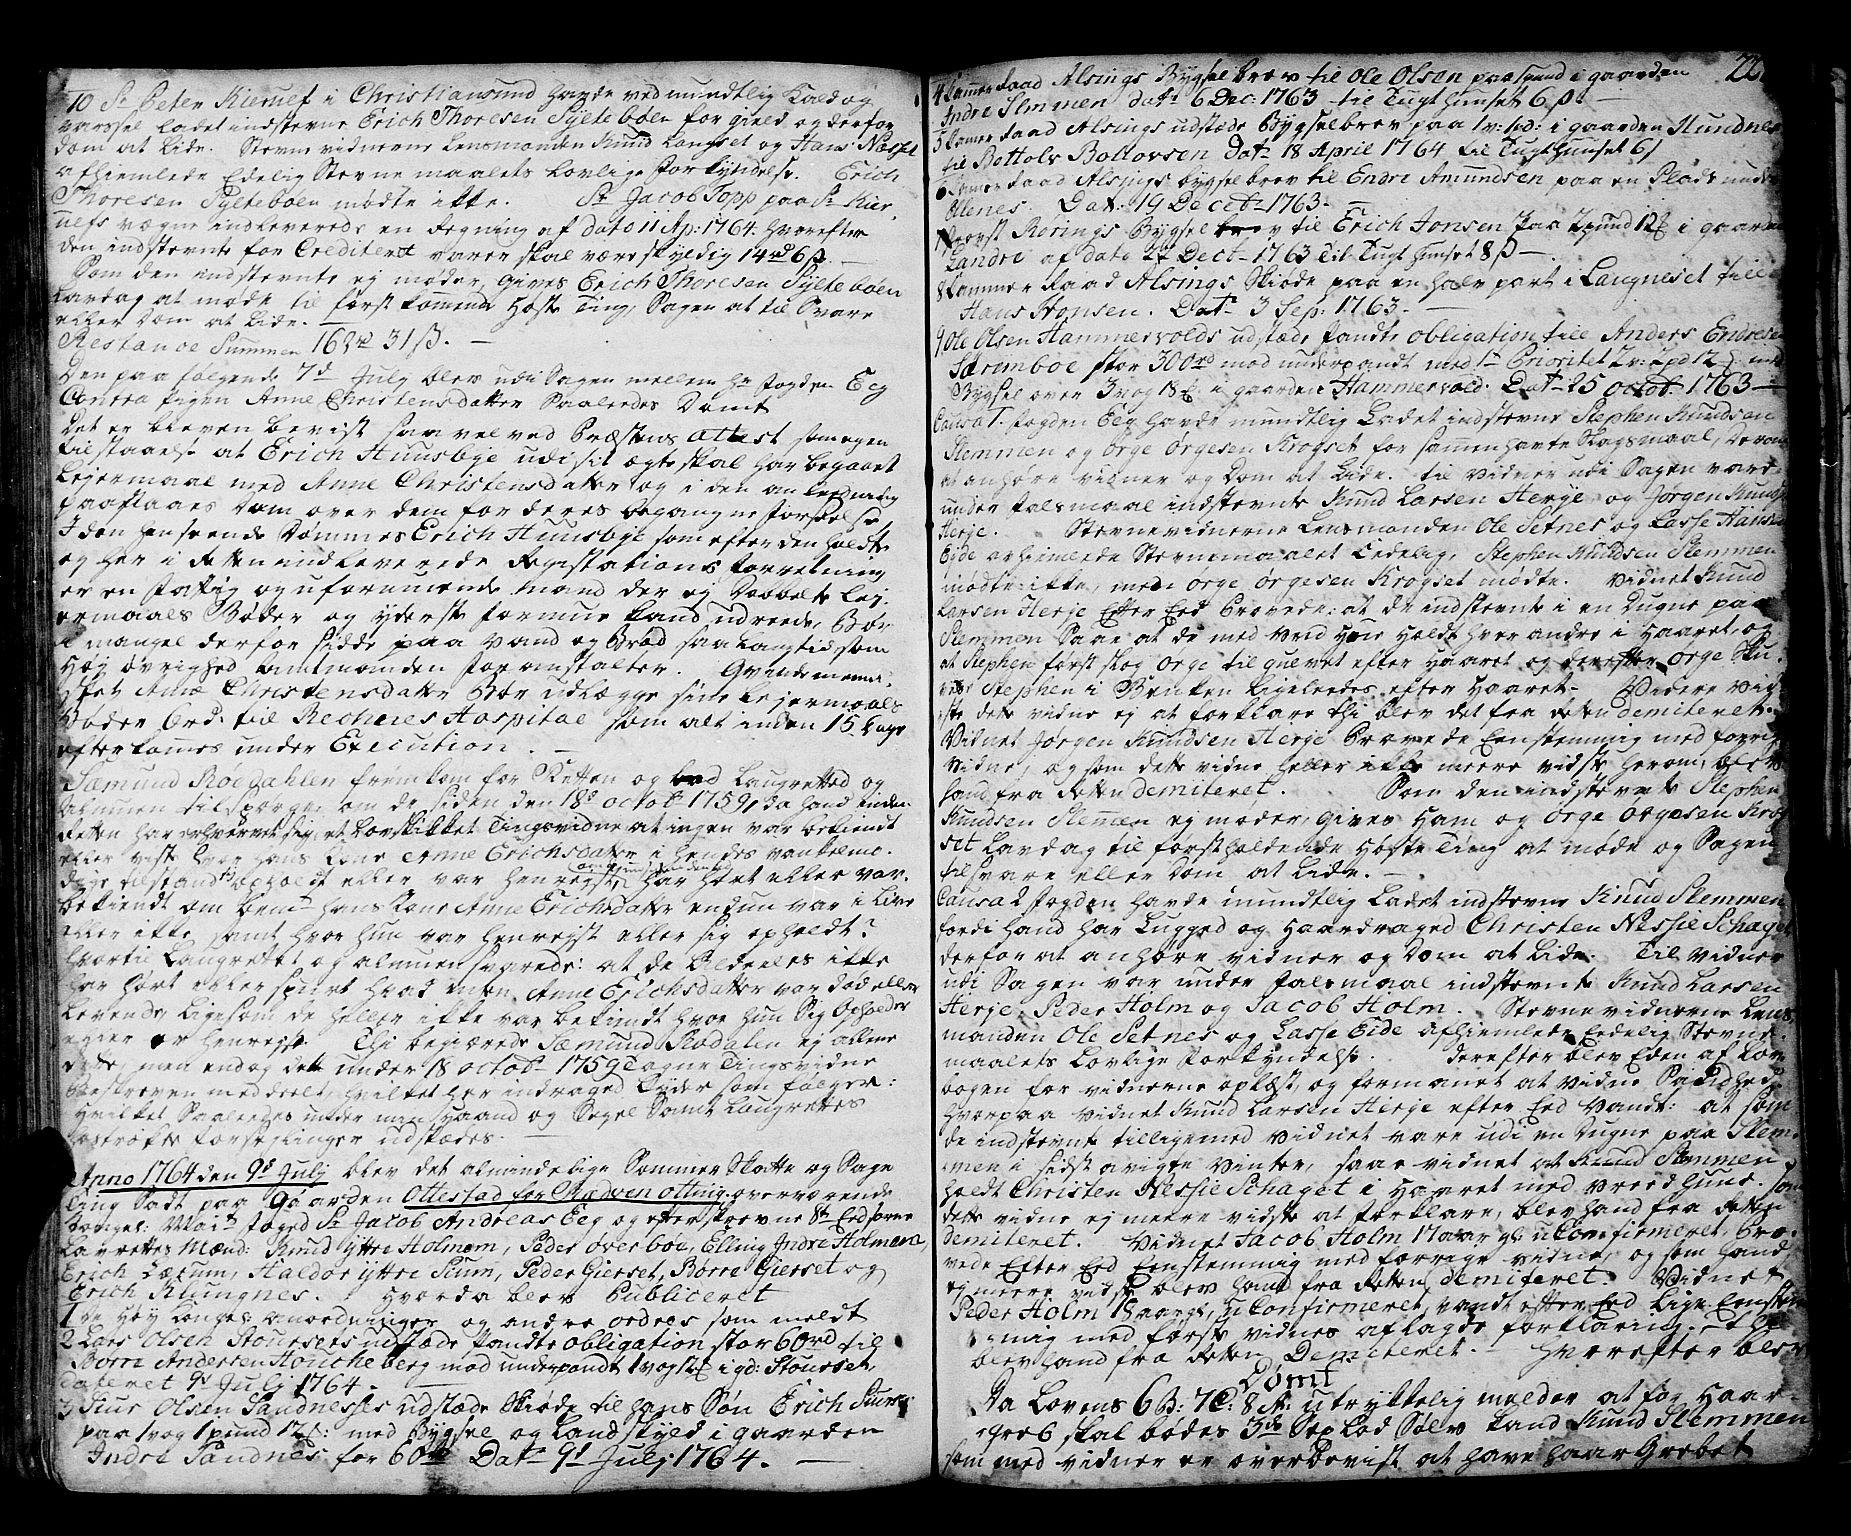 SAT, Romsdal sorenskriveri, 1/1A/L0014: Tingbok, 1757-1765, s. 228